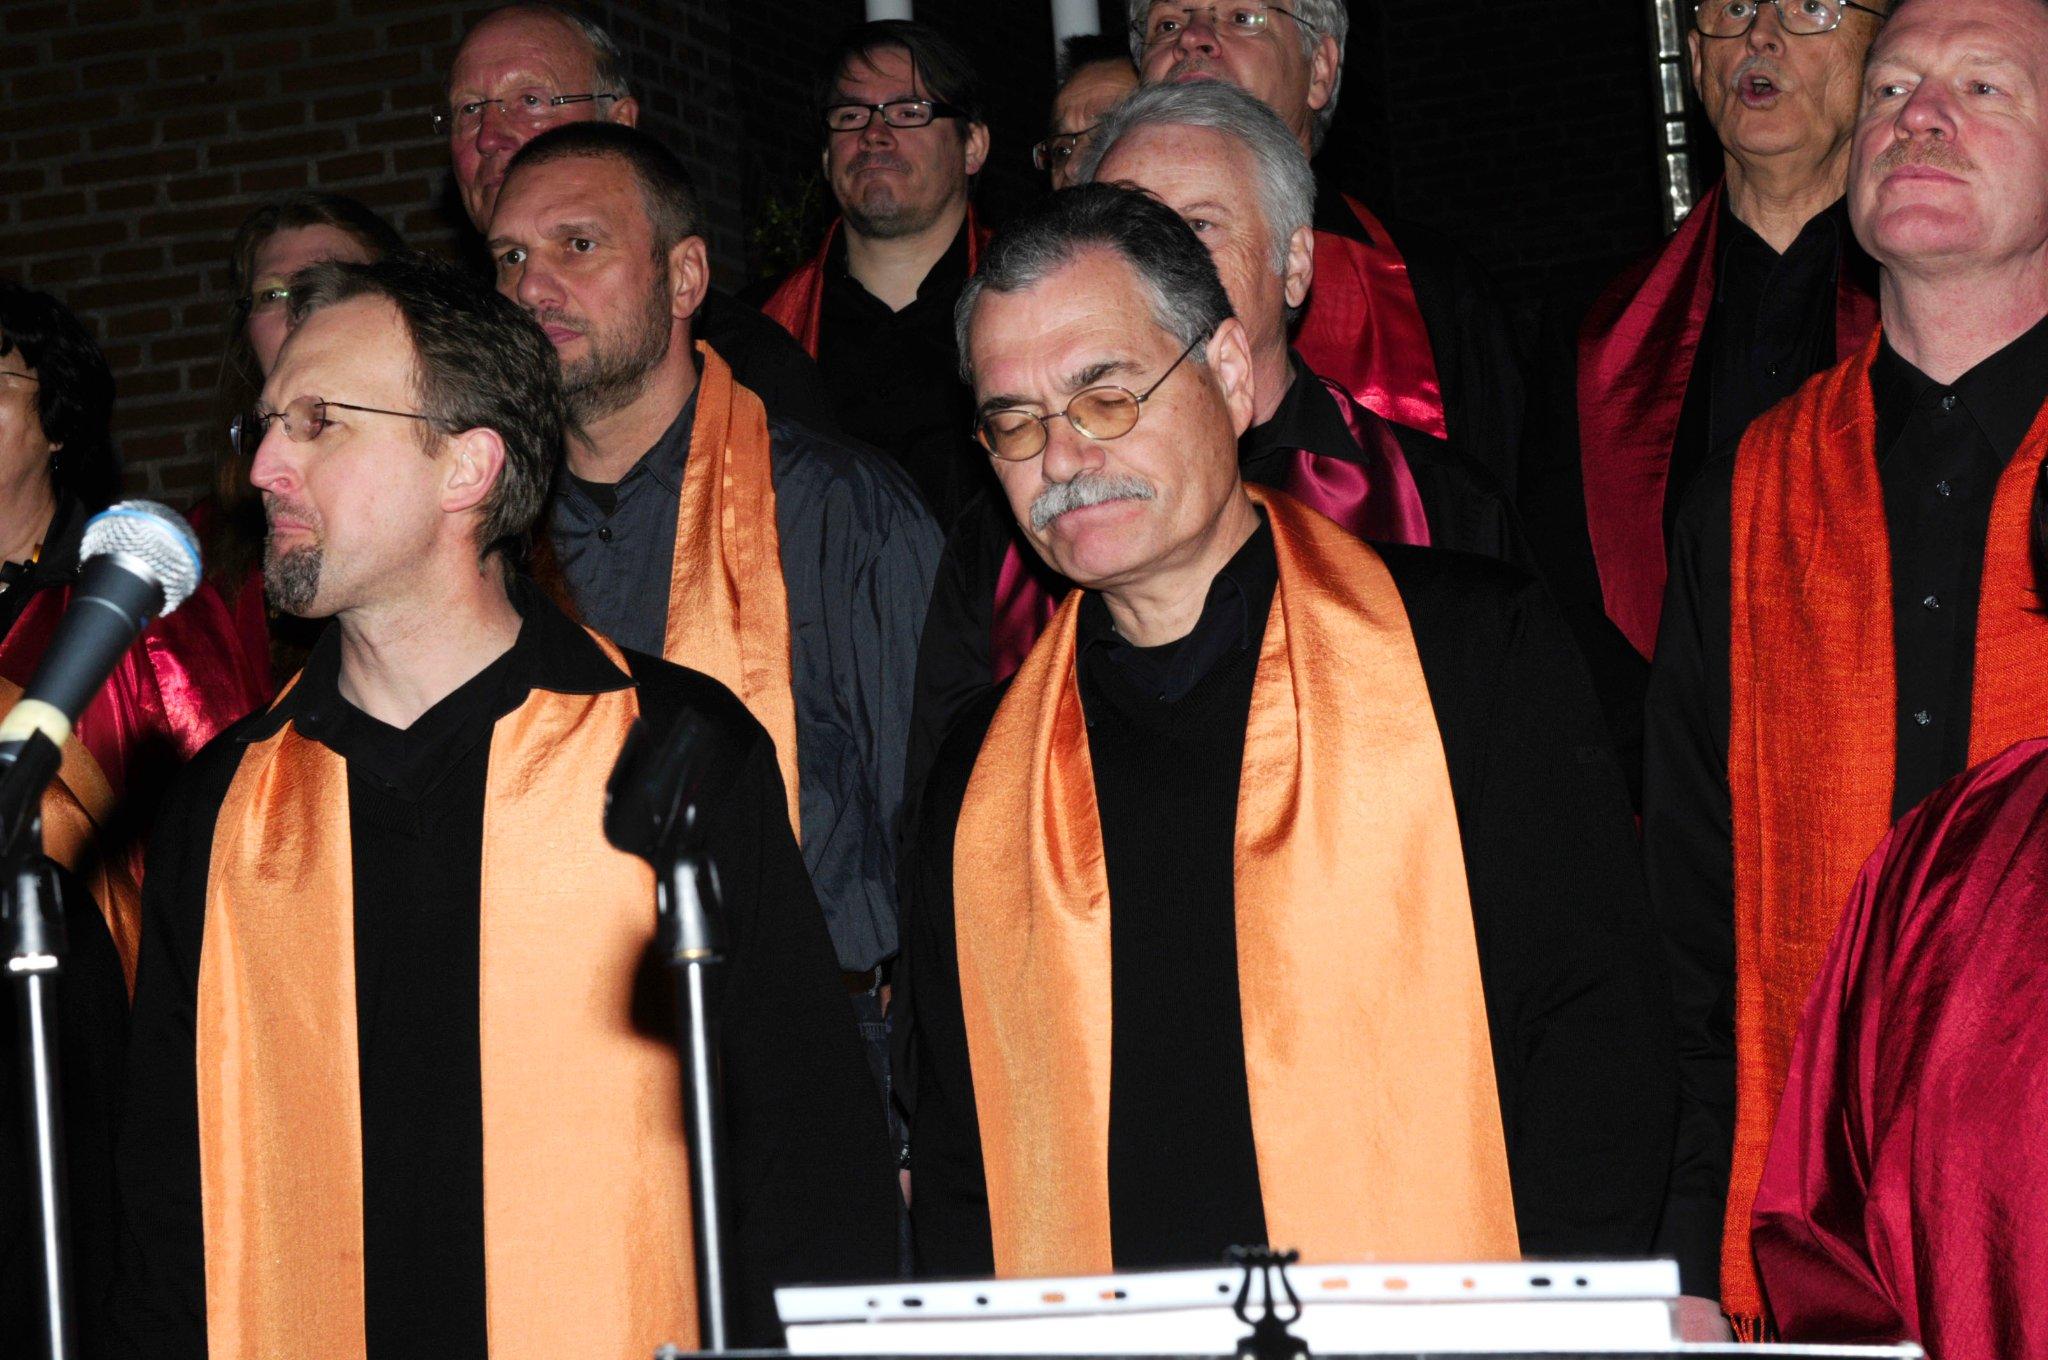 20120422 Reformations Gedaechtniskirche 054